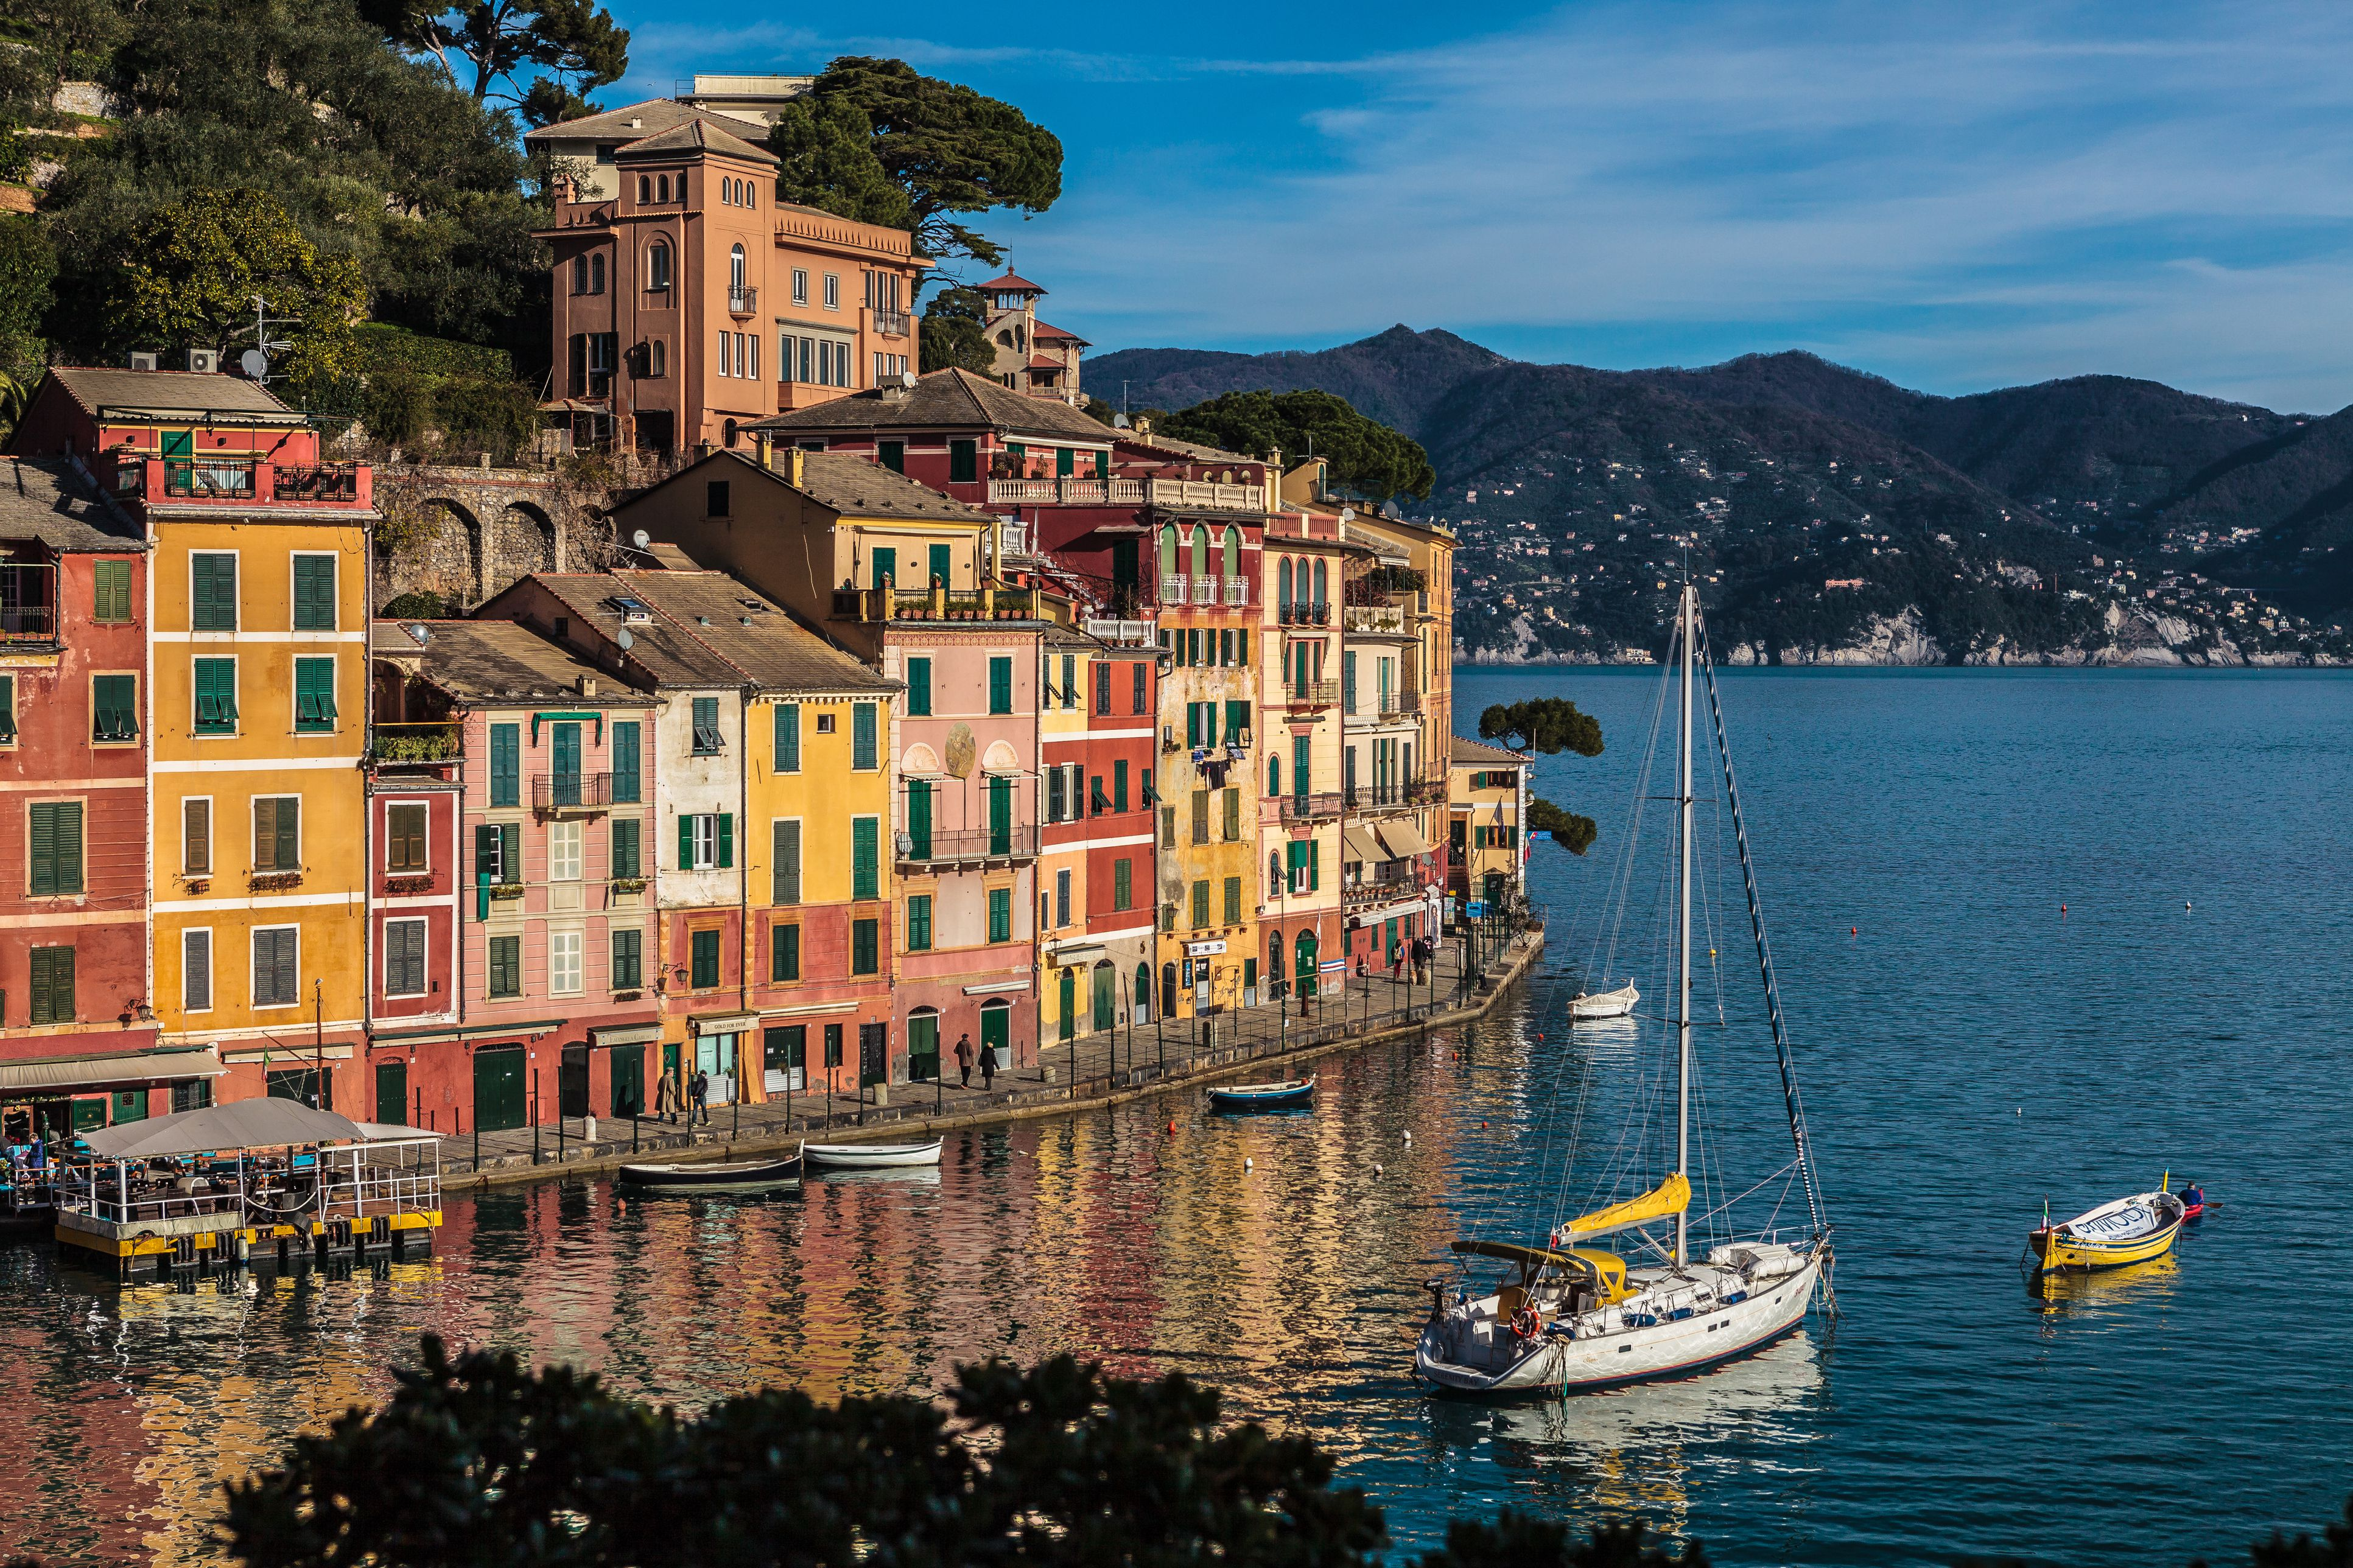 Visiting Portofino In The Italian Riviera